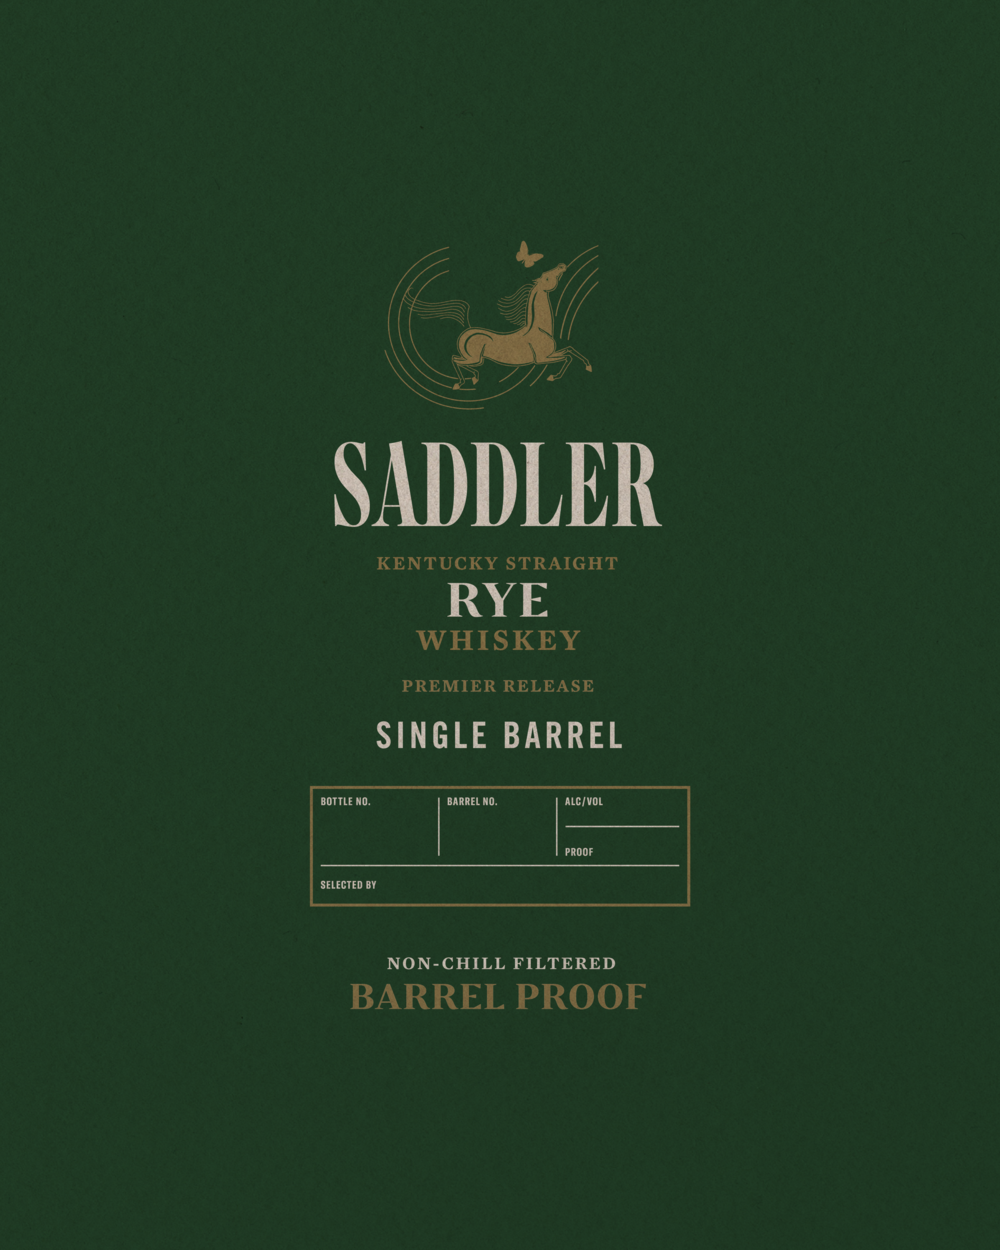 Saddler-02.png